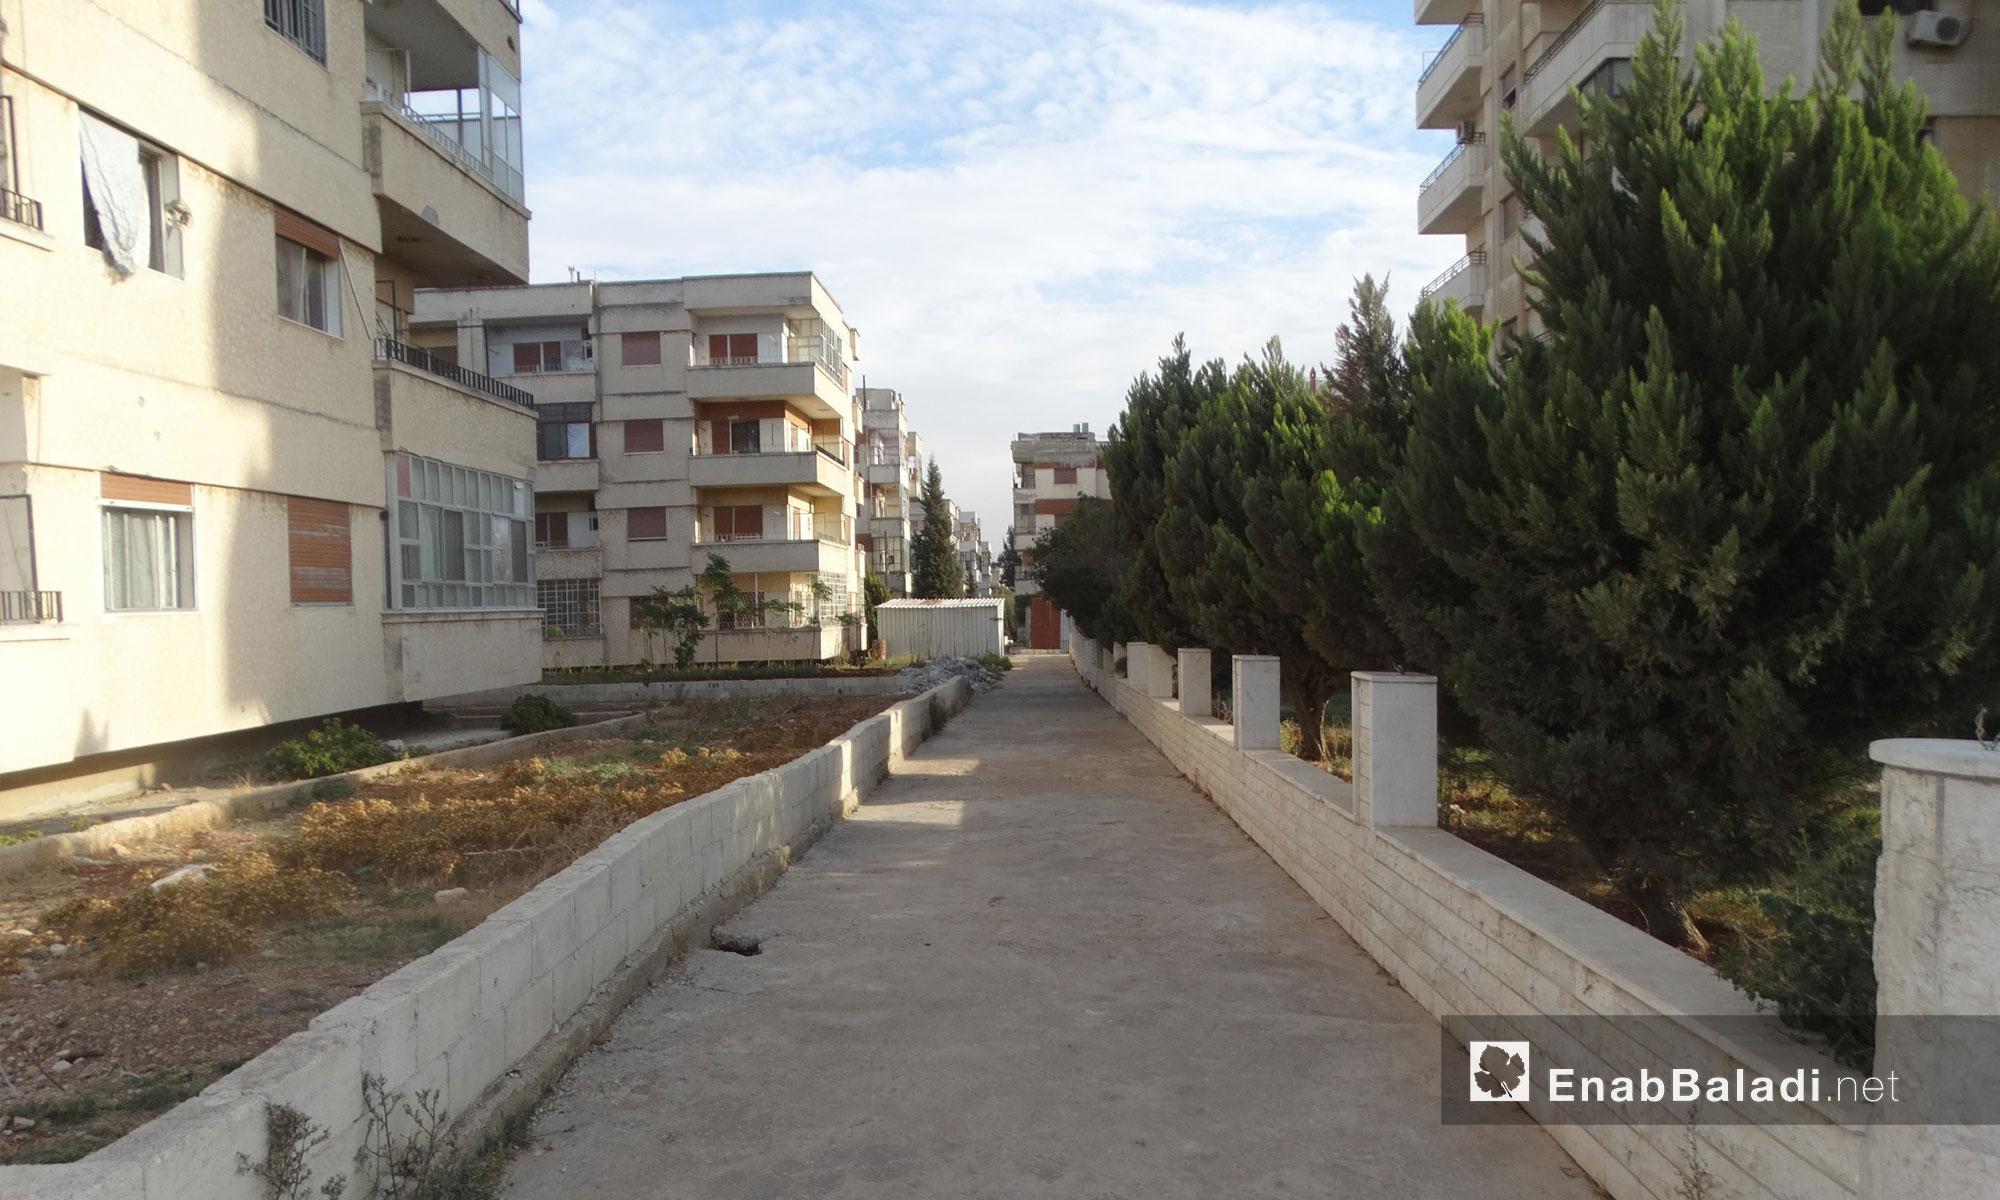 شوارع حي الوعر المحاصر في حمص فارغة من السكان بعد أيام من القصف - 20 تشرين الثاني 2016 (عنب بلدي)